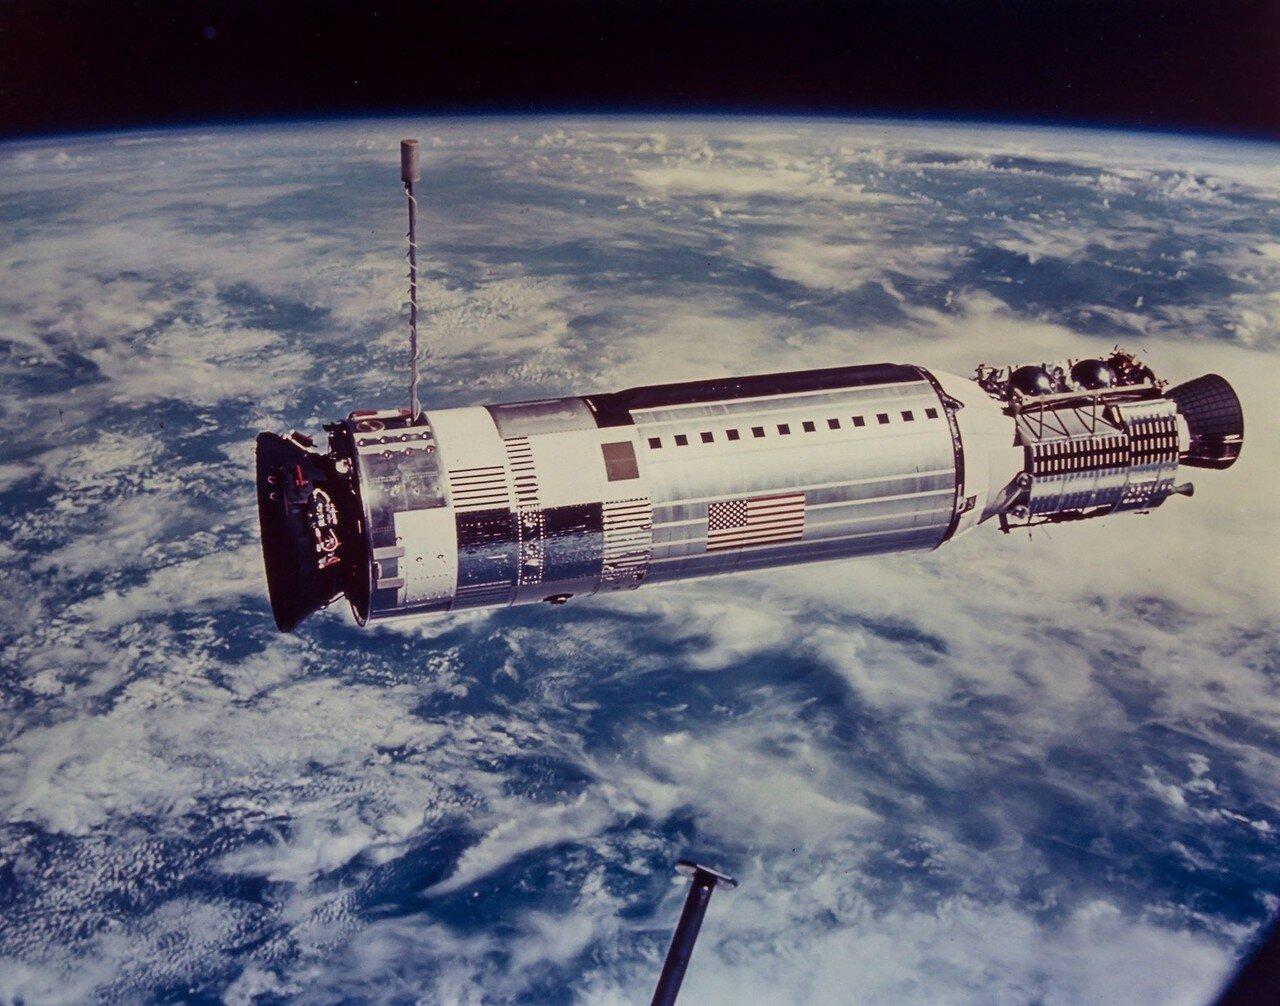 1966, ноябрь. При сближении с мишенью «Аджена-XII» вышел из строя радар и дальнейшее сближение было проведено по методу, который составлял докторскую диссертацию Олдрина в MIT